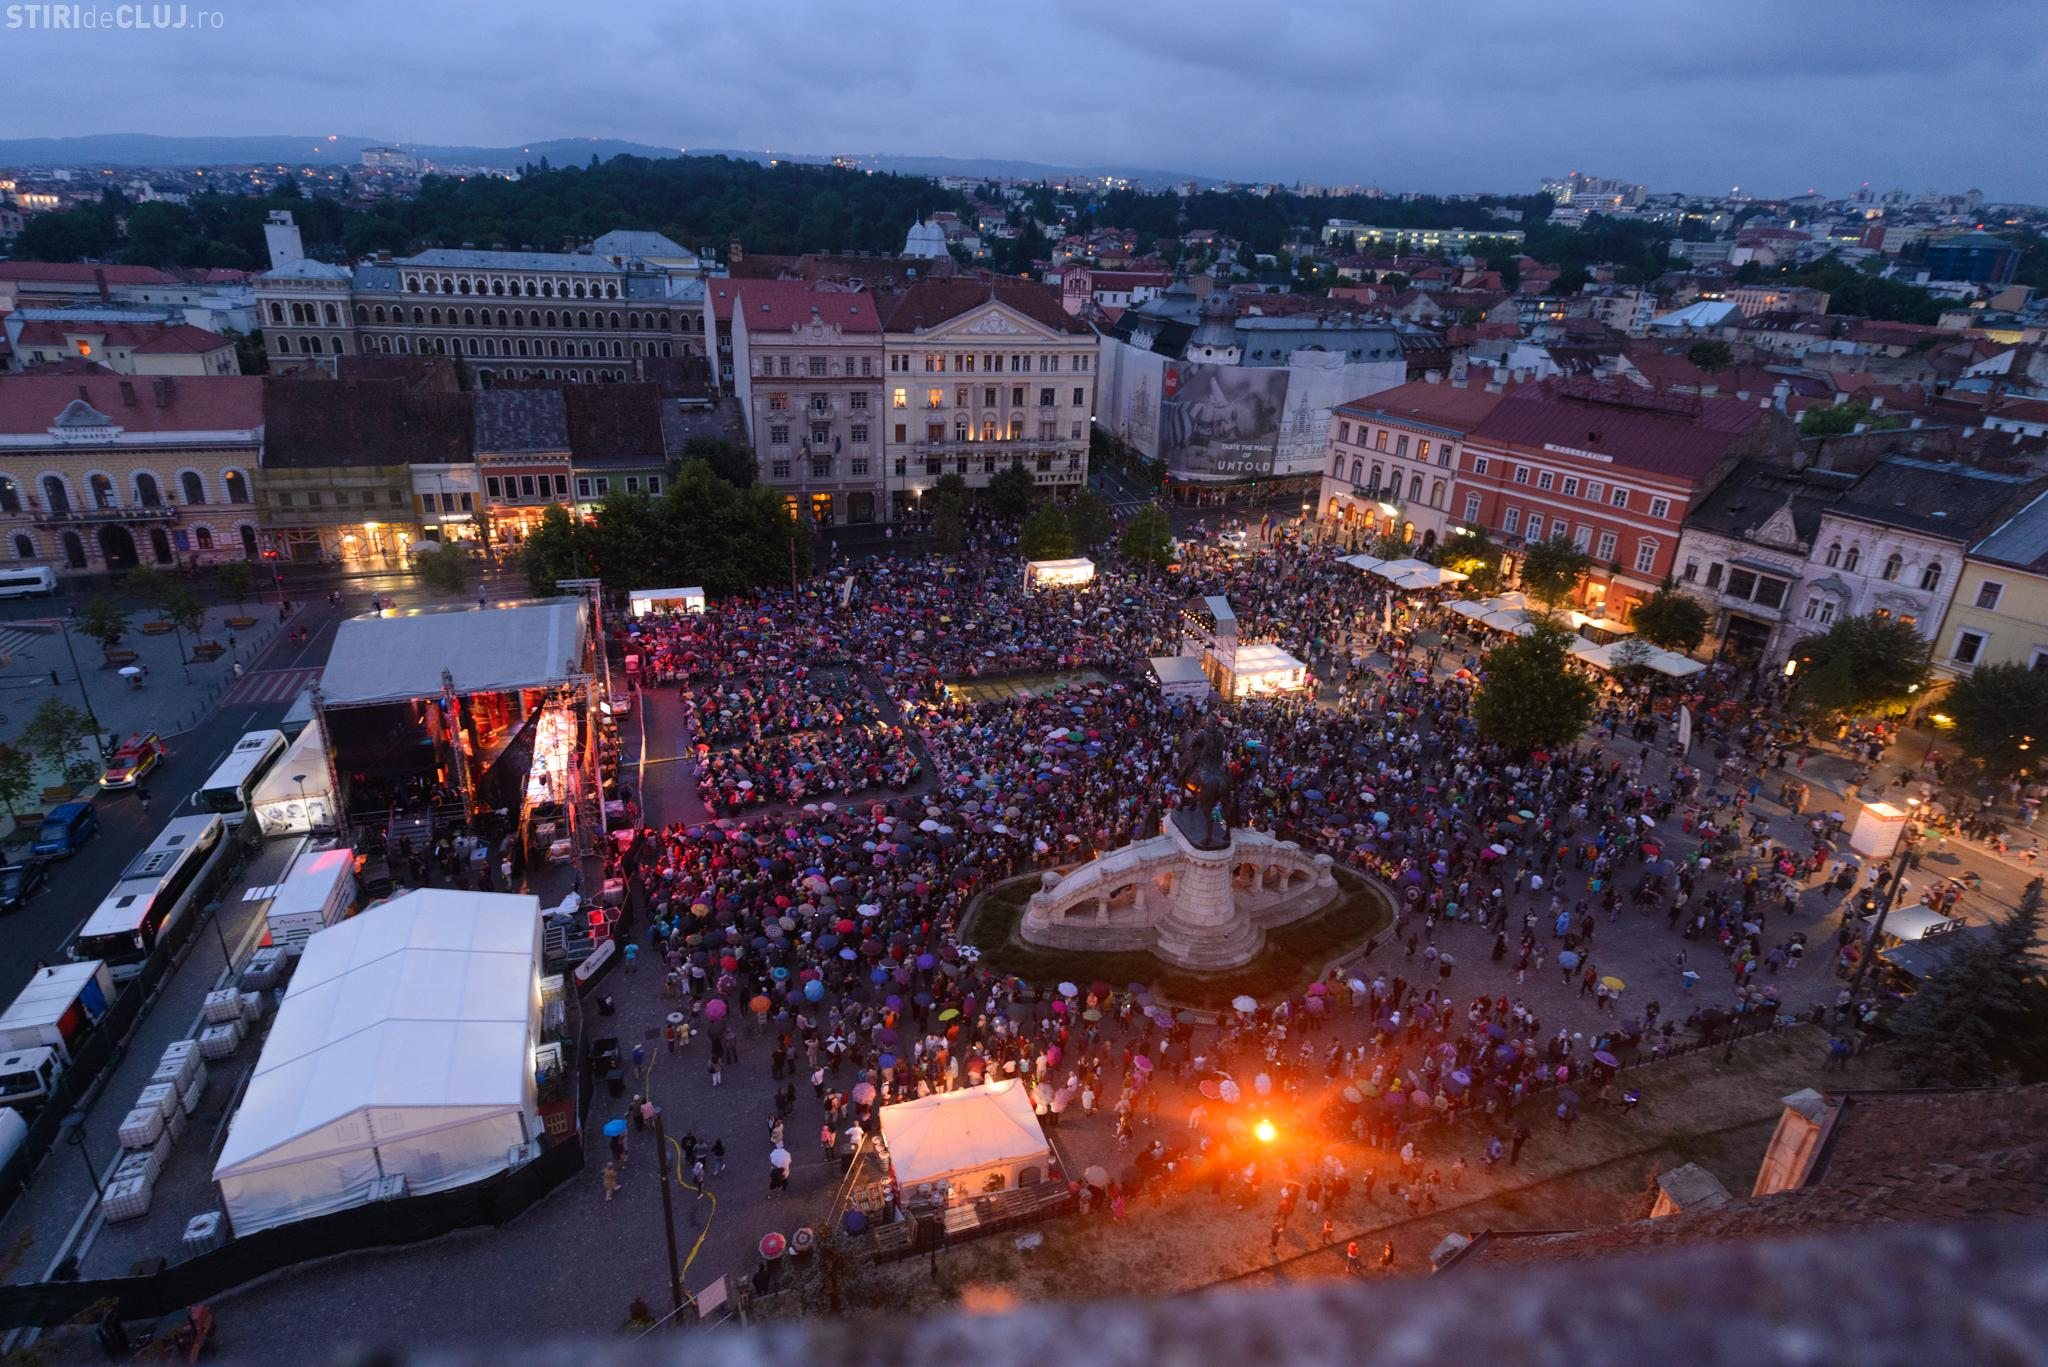 Zilele Culturale Maghiare 2018. Program și evenimente